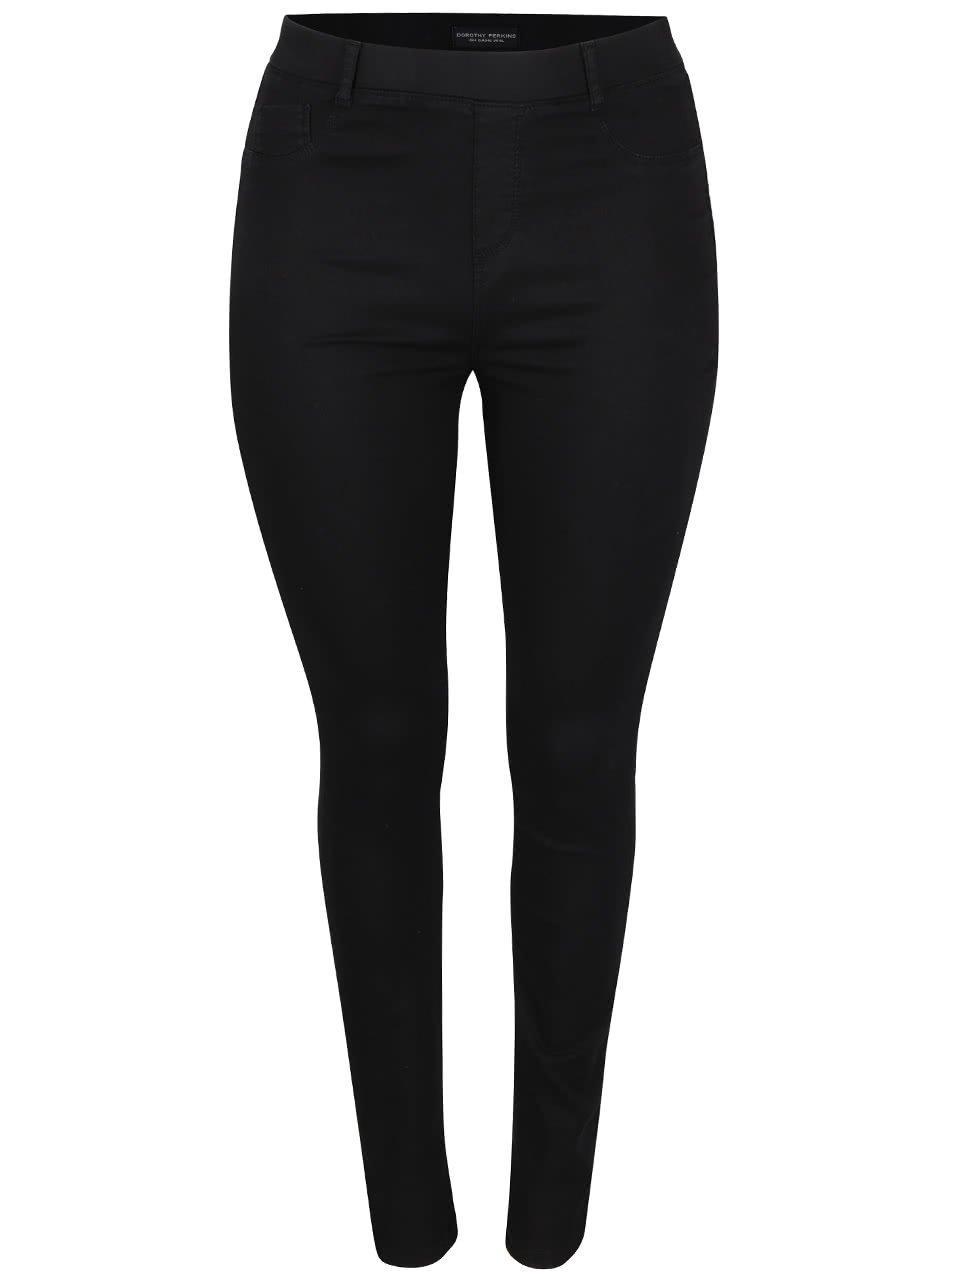 Černé elastické skinny džíny s prodlouženými nohavicemi Dorothy Perkins Curve